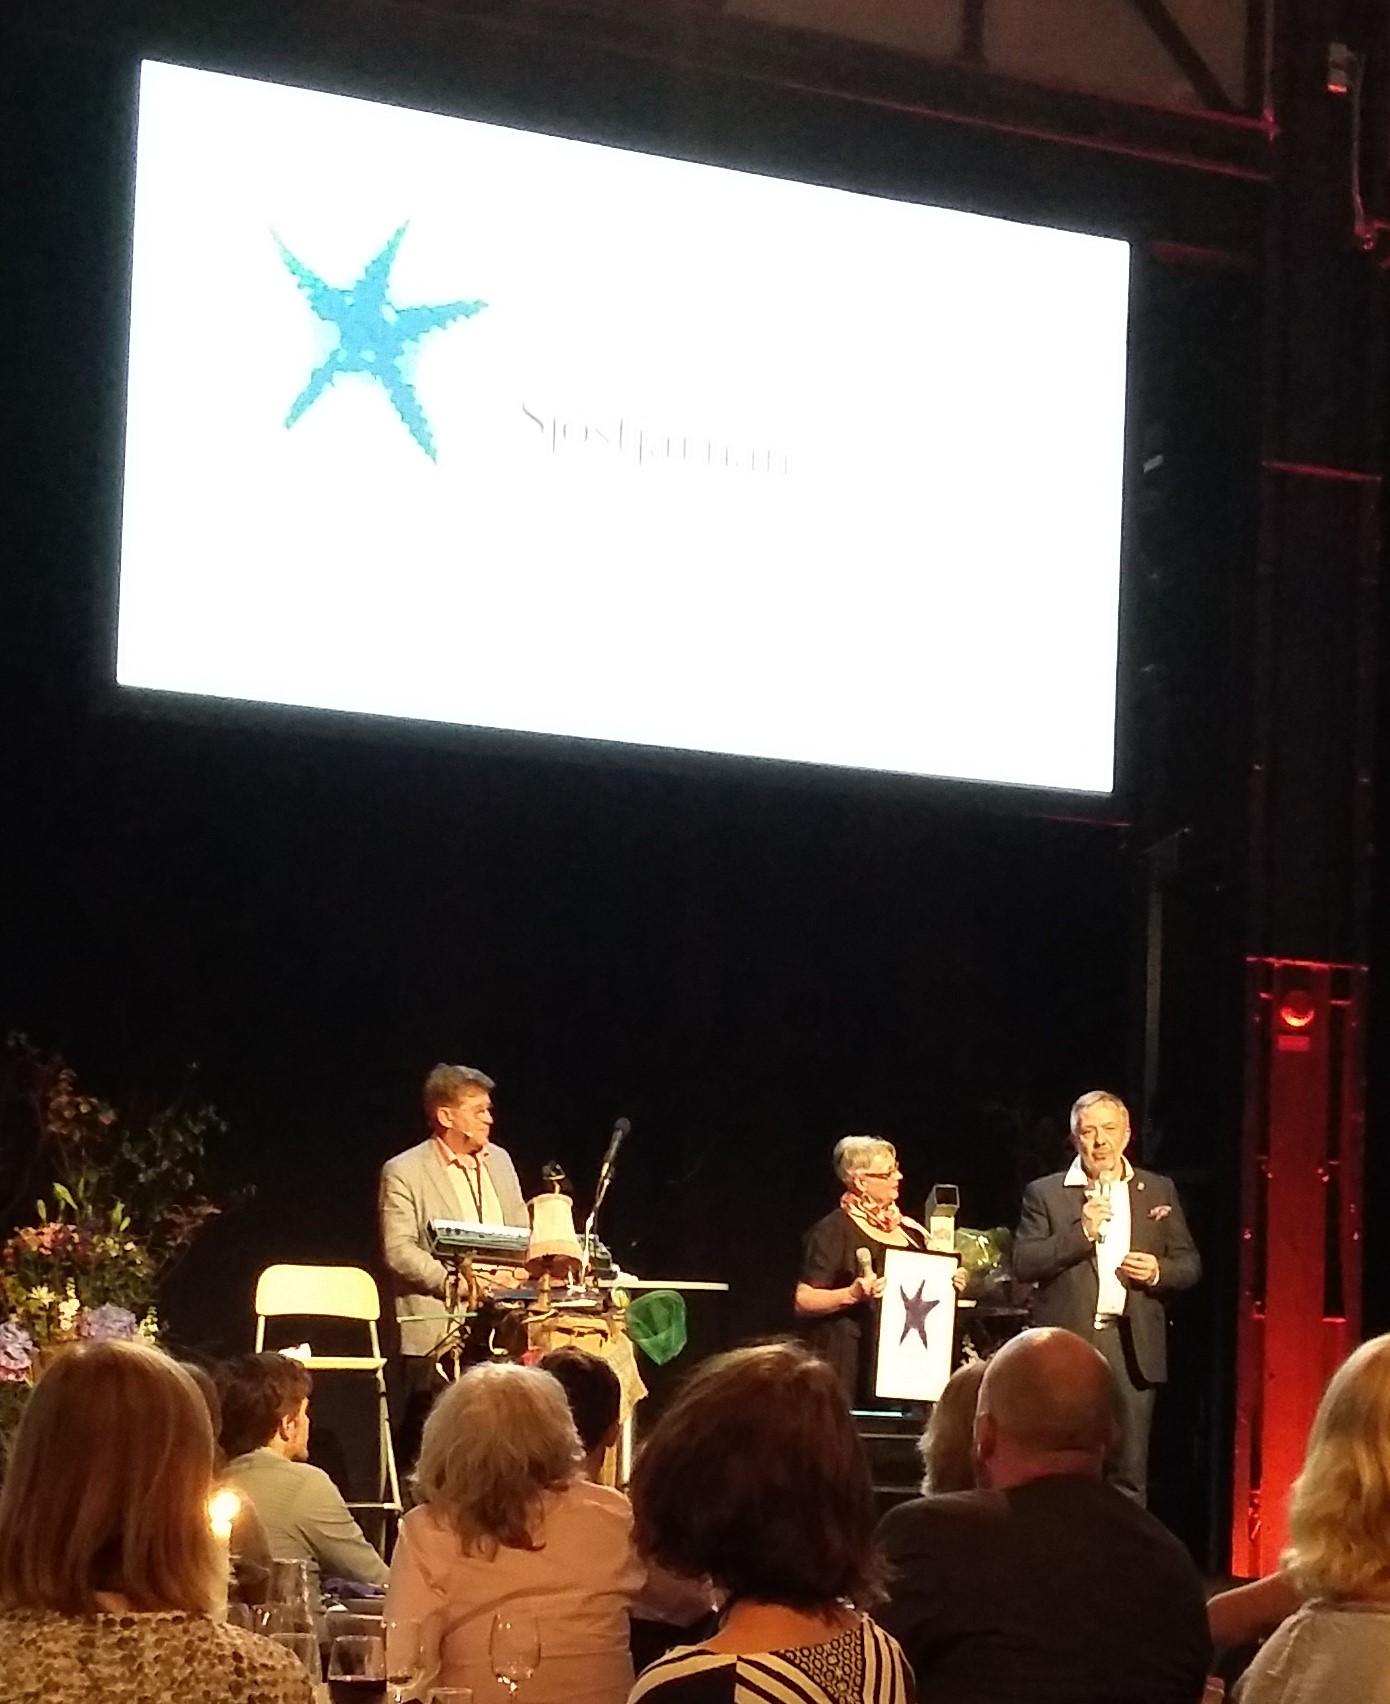 Emåförbundet tilldelas priset Sjöstjärnan på Havs- och vattenforum.